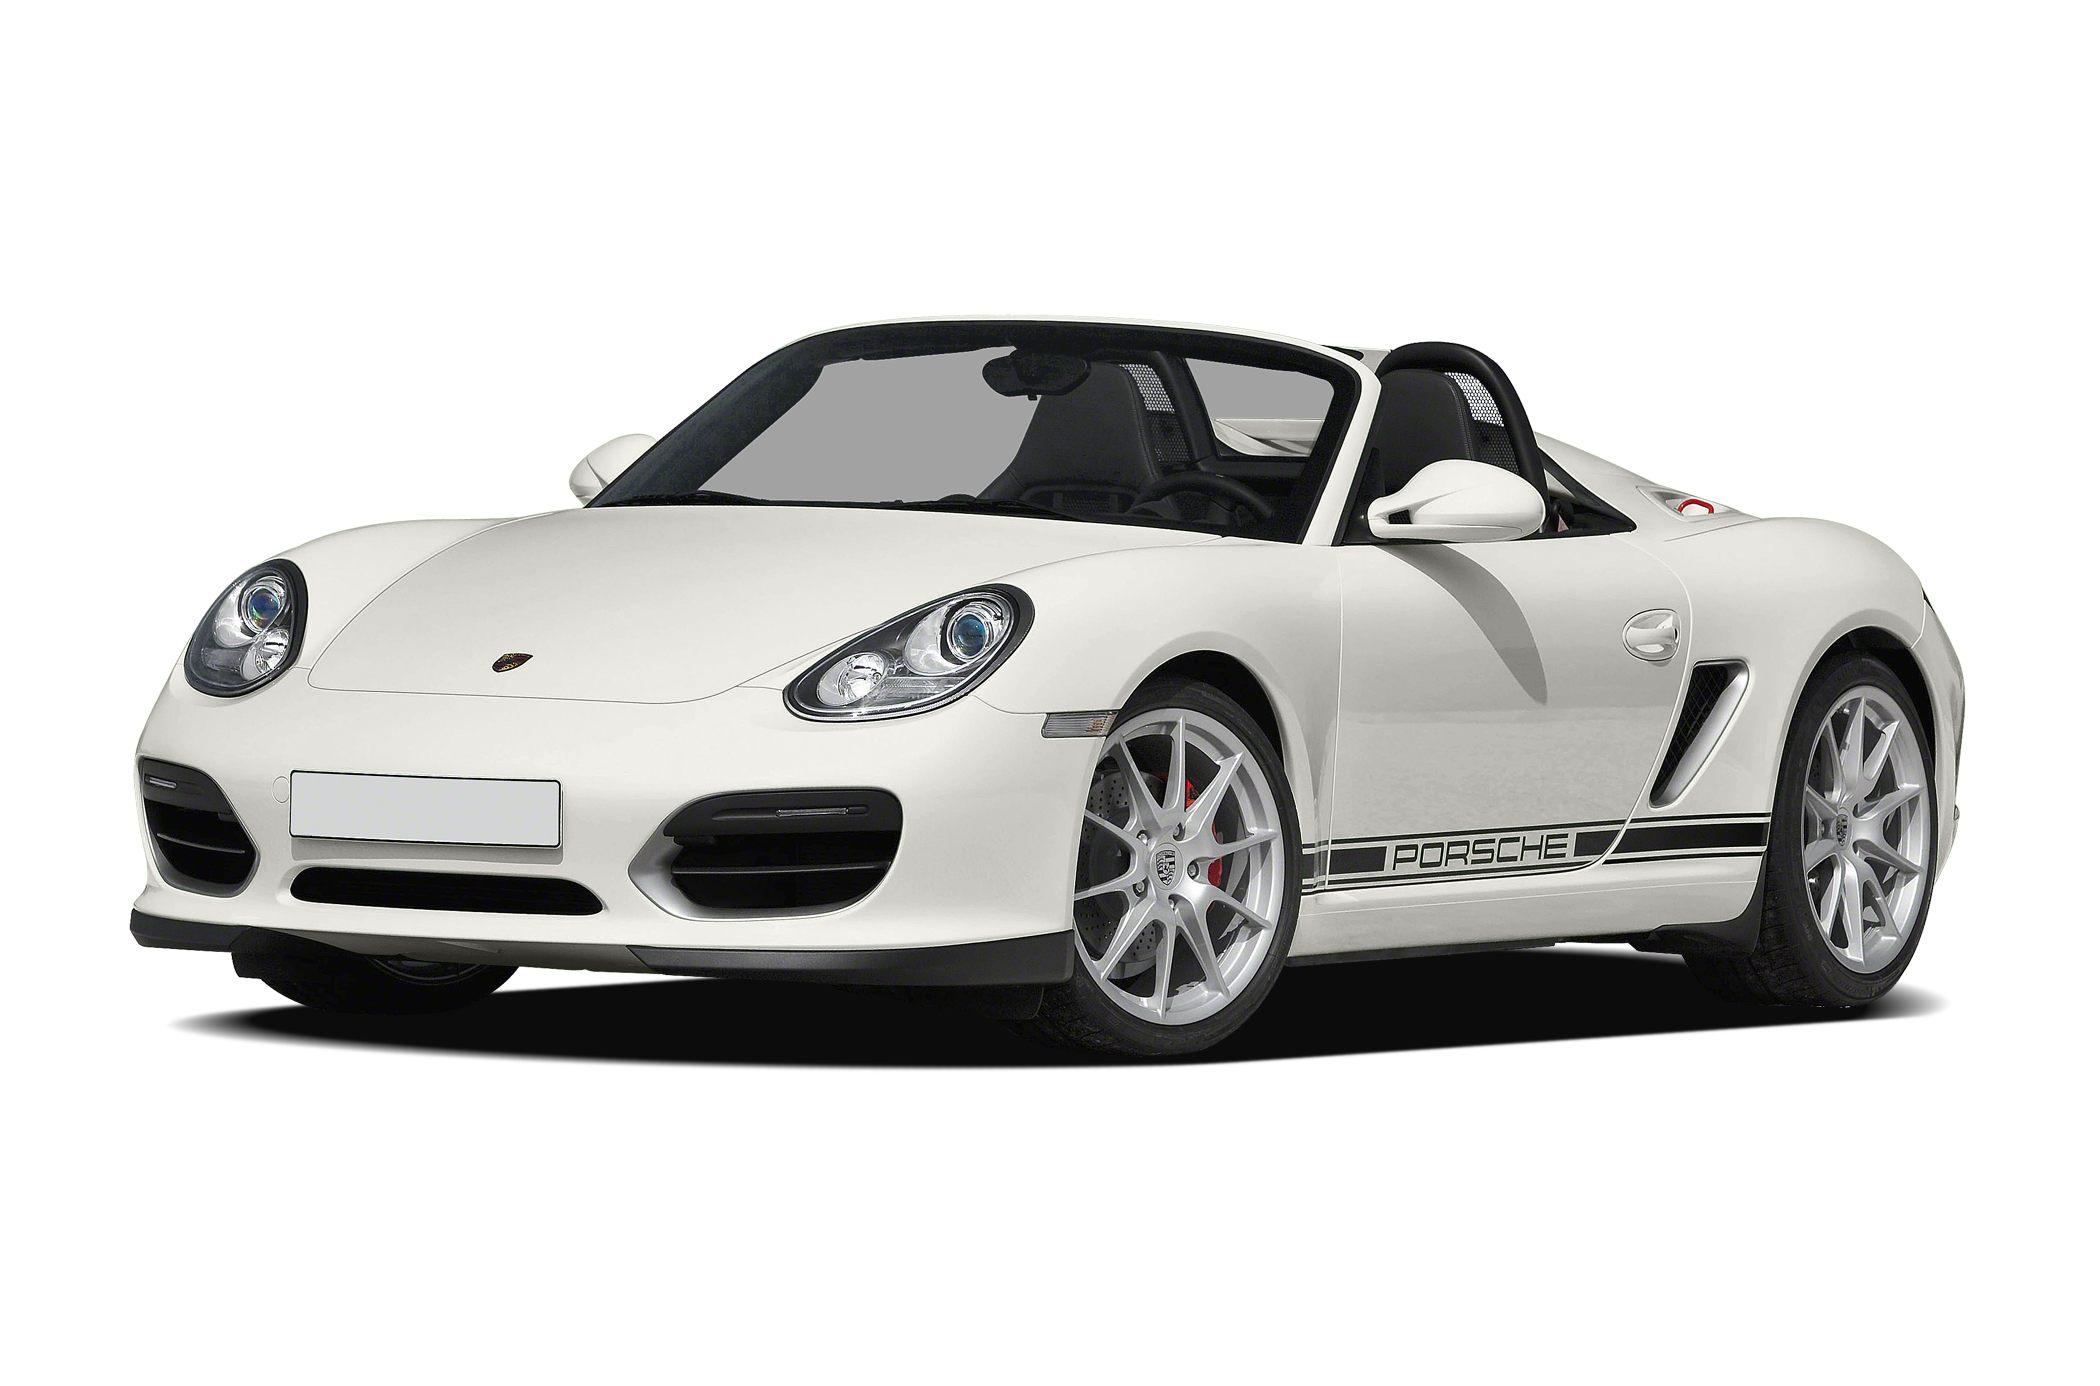 2011 Porsche Boxster